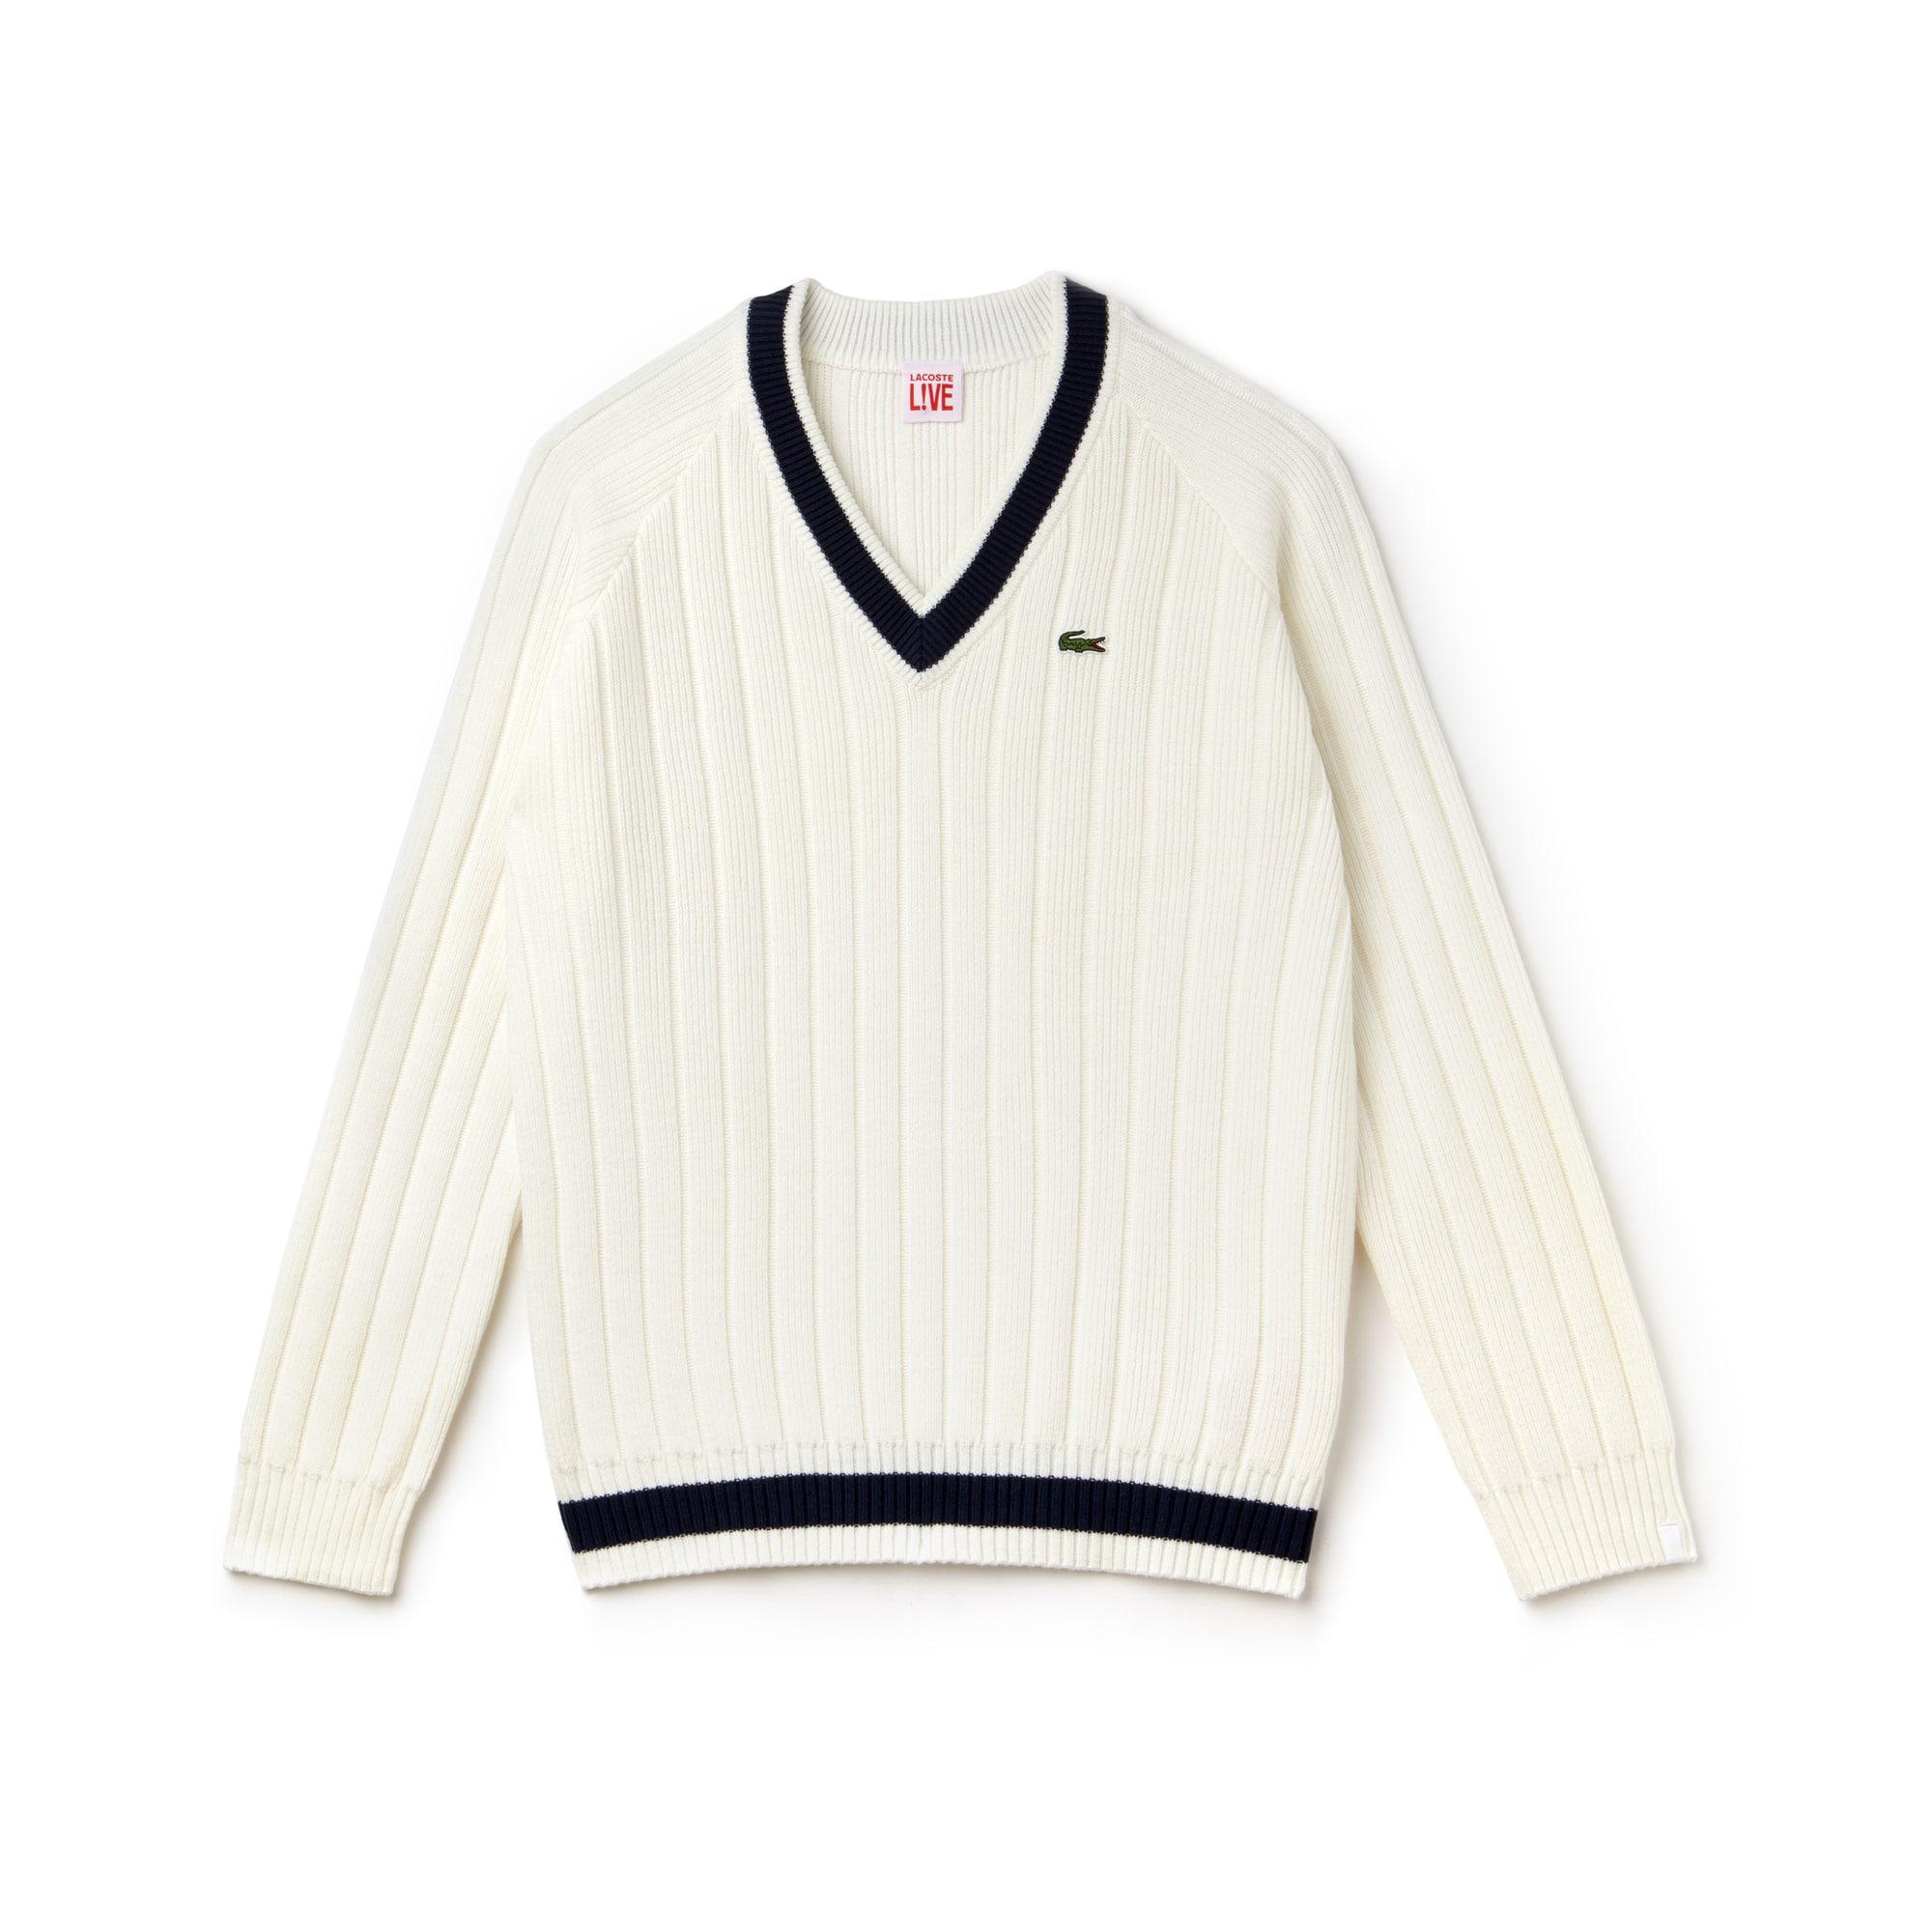 Lacoste LIVE-sweater heren geribd katoen met V-hals en contrasterende strepen